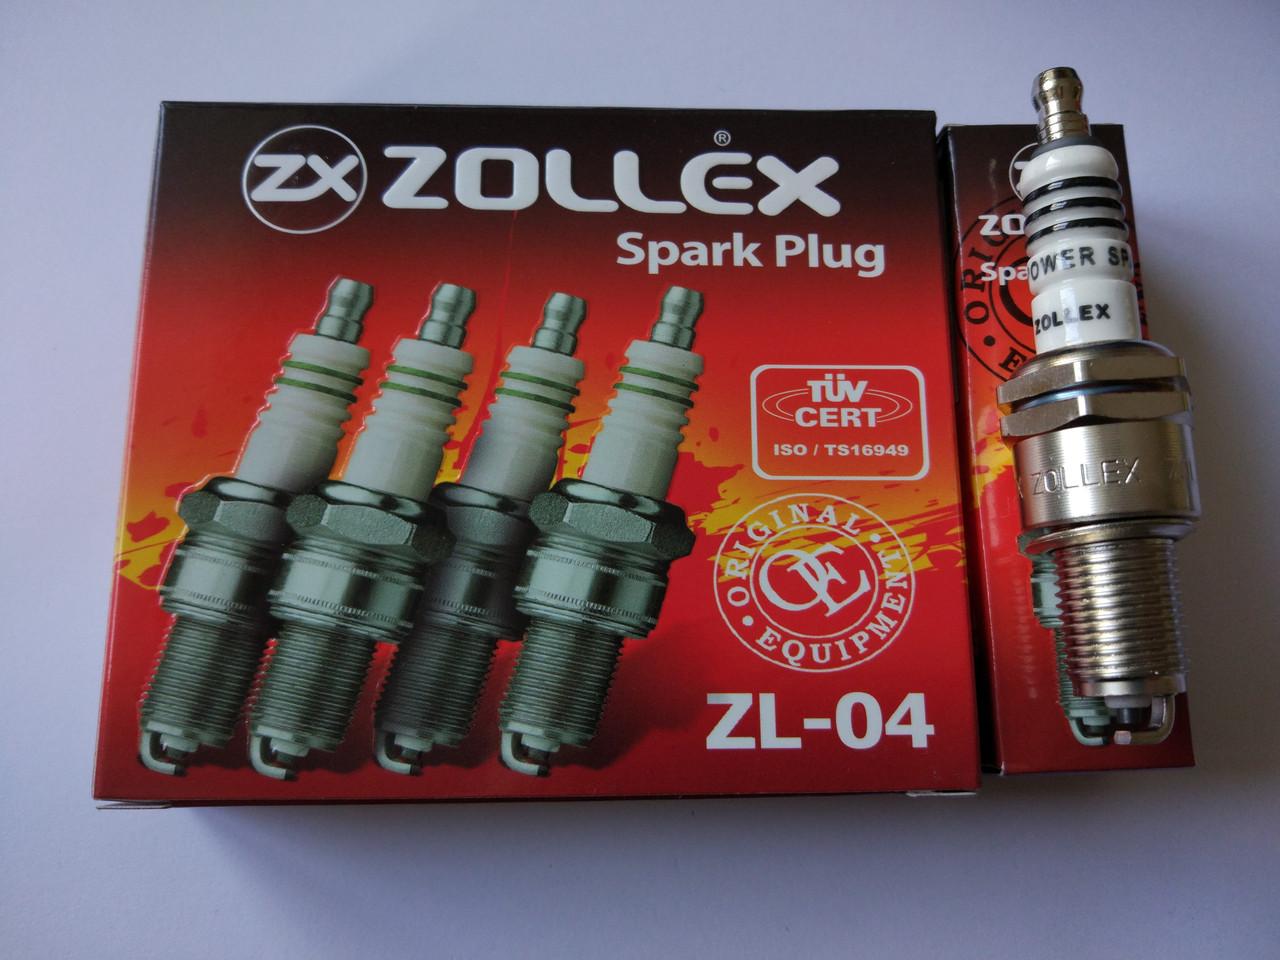 Свечи зажигания 2101, 2102, 2103, 2104, 2105, 2106, 2107 ZOLLEX